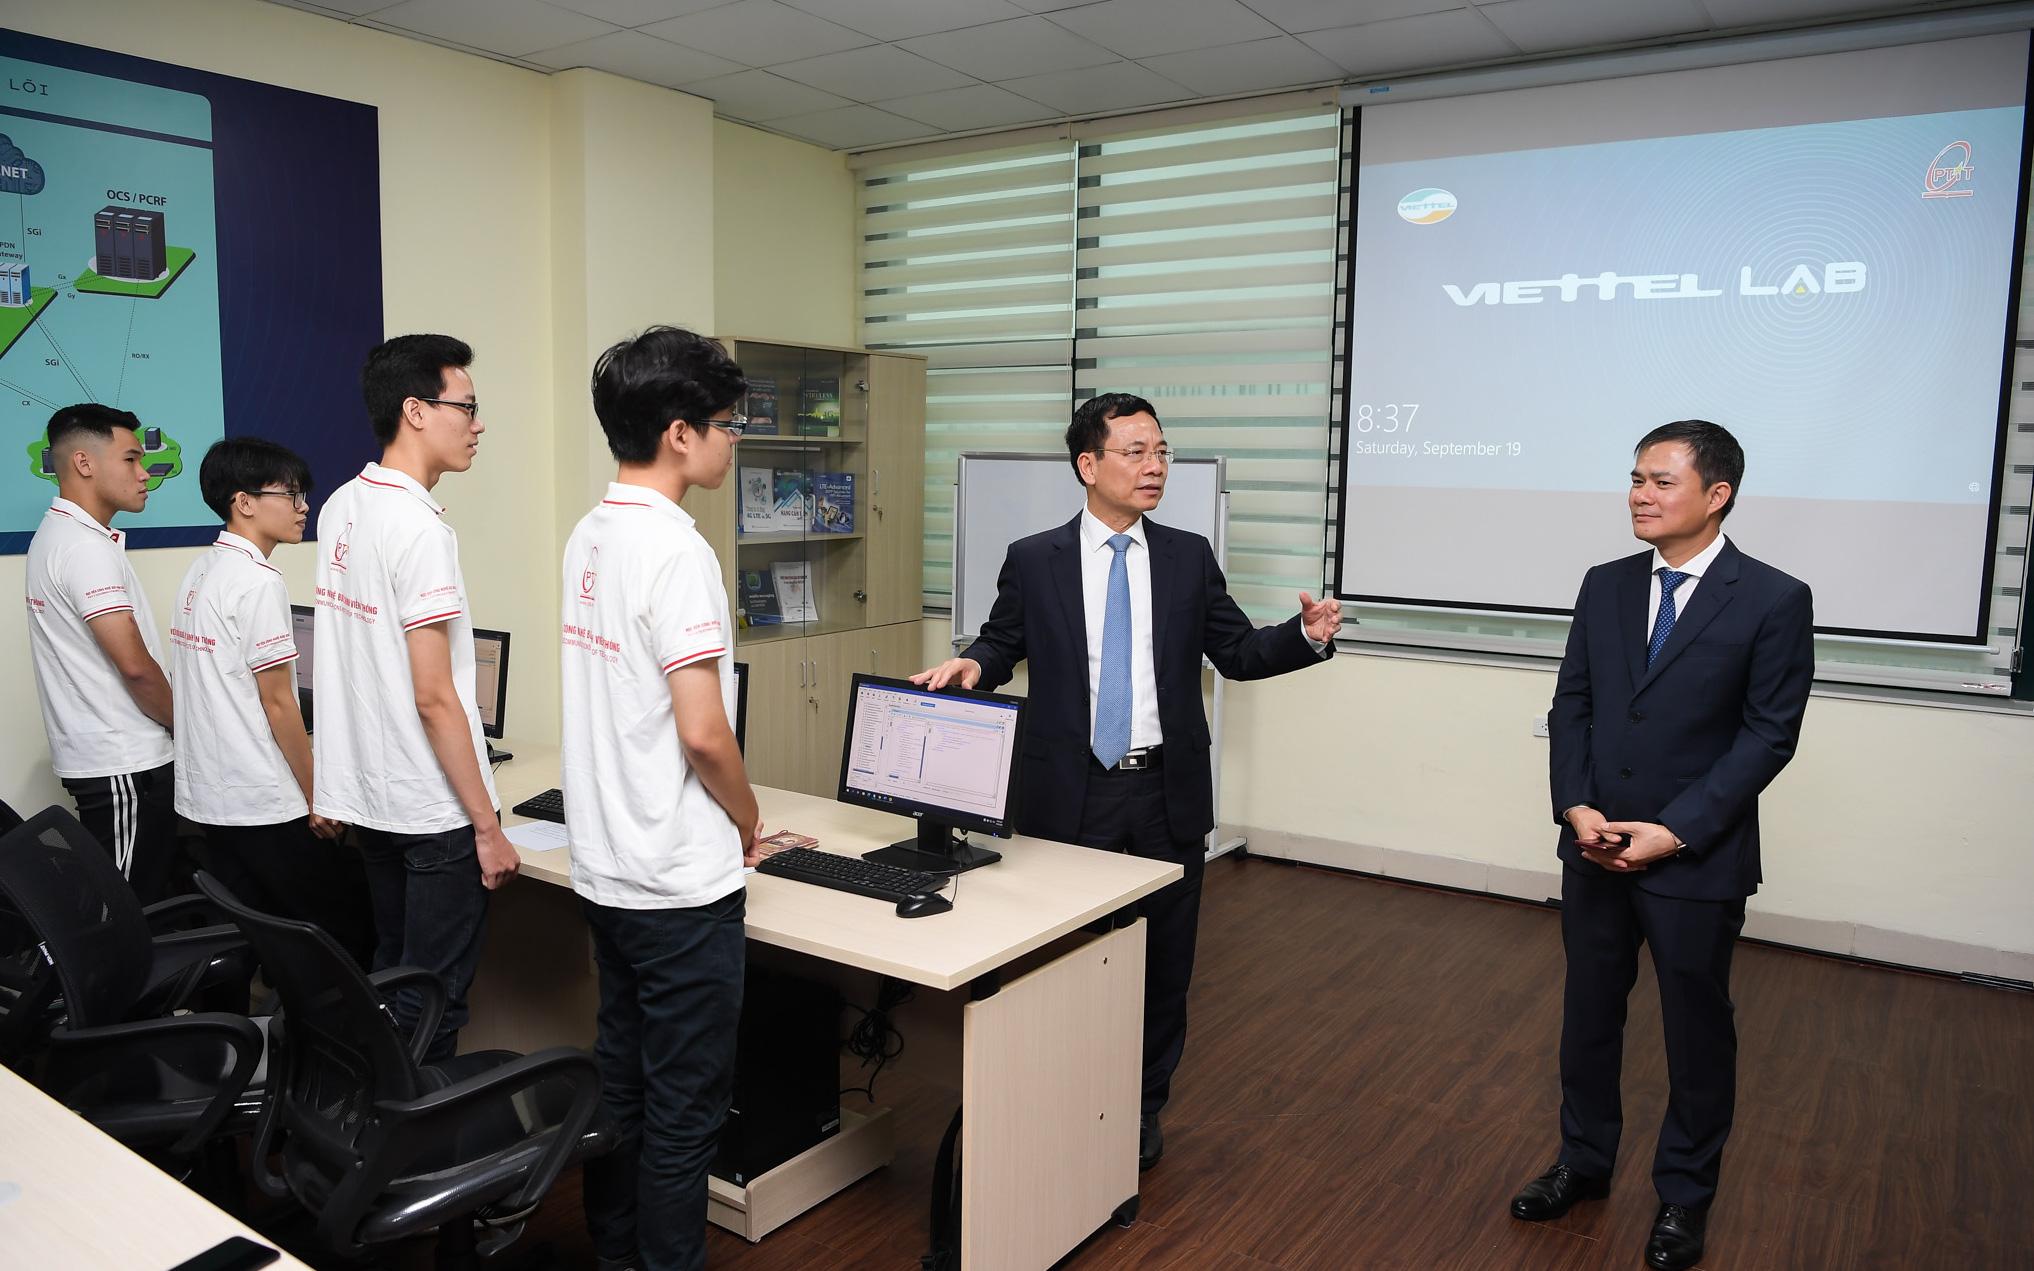 Bộ trưởng Nguyễn Mạnh Hùng: Phòng Lab với mạng 4G LTE hoàn chỉnh là thông điệp Việt Nam làm chủ hạ tầng viễn thông Việt Nam